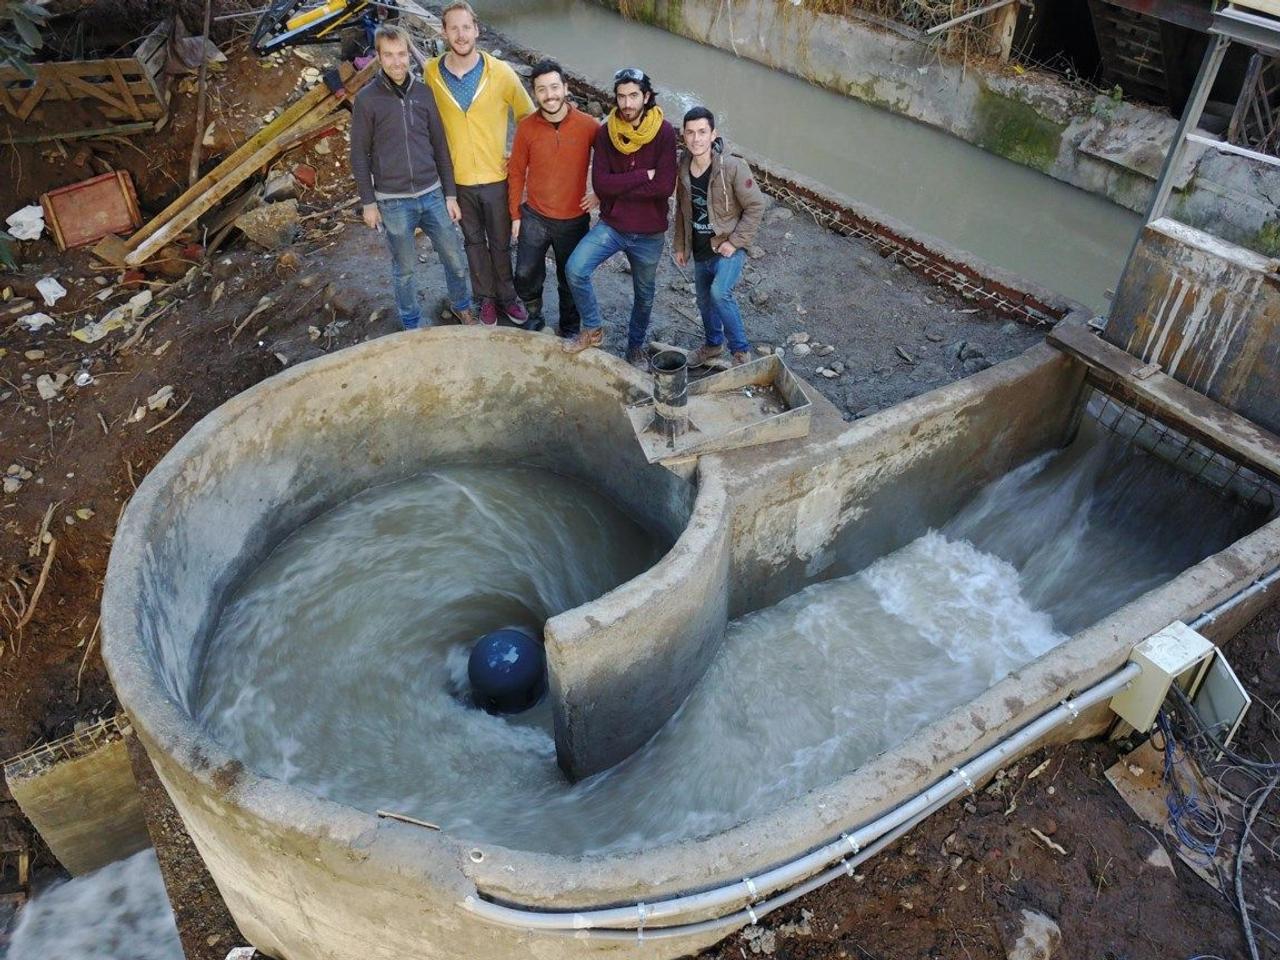 Небольшая водоворотная гидротурбина Turbulent обеспечит электричеством дома при минимальных затратах